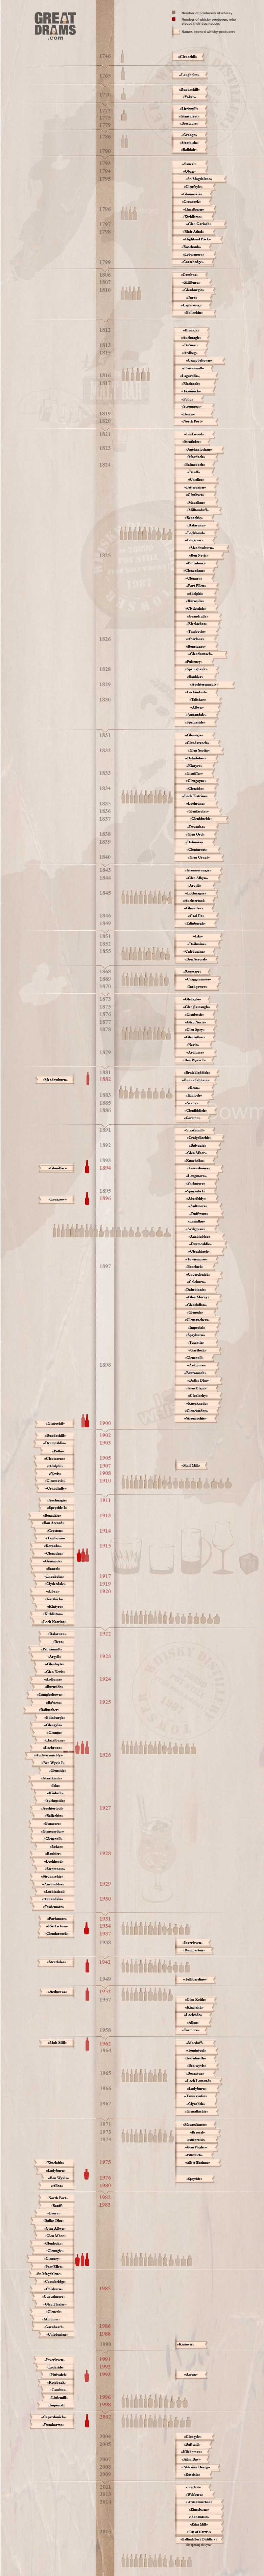 Whisky distillery timeline